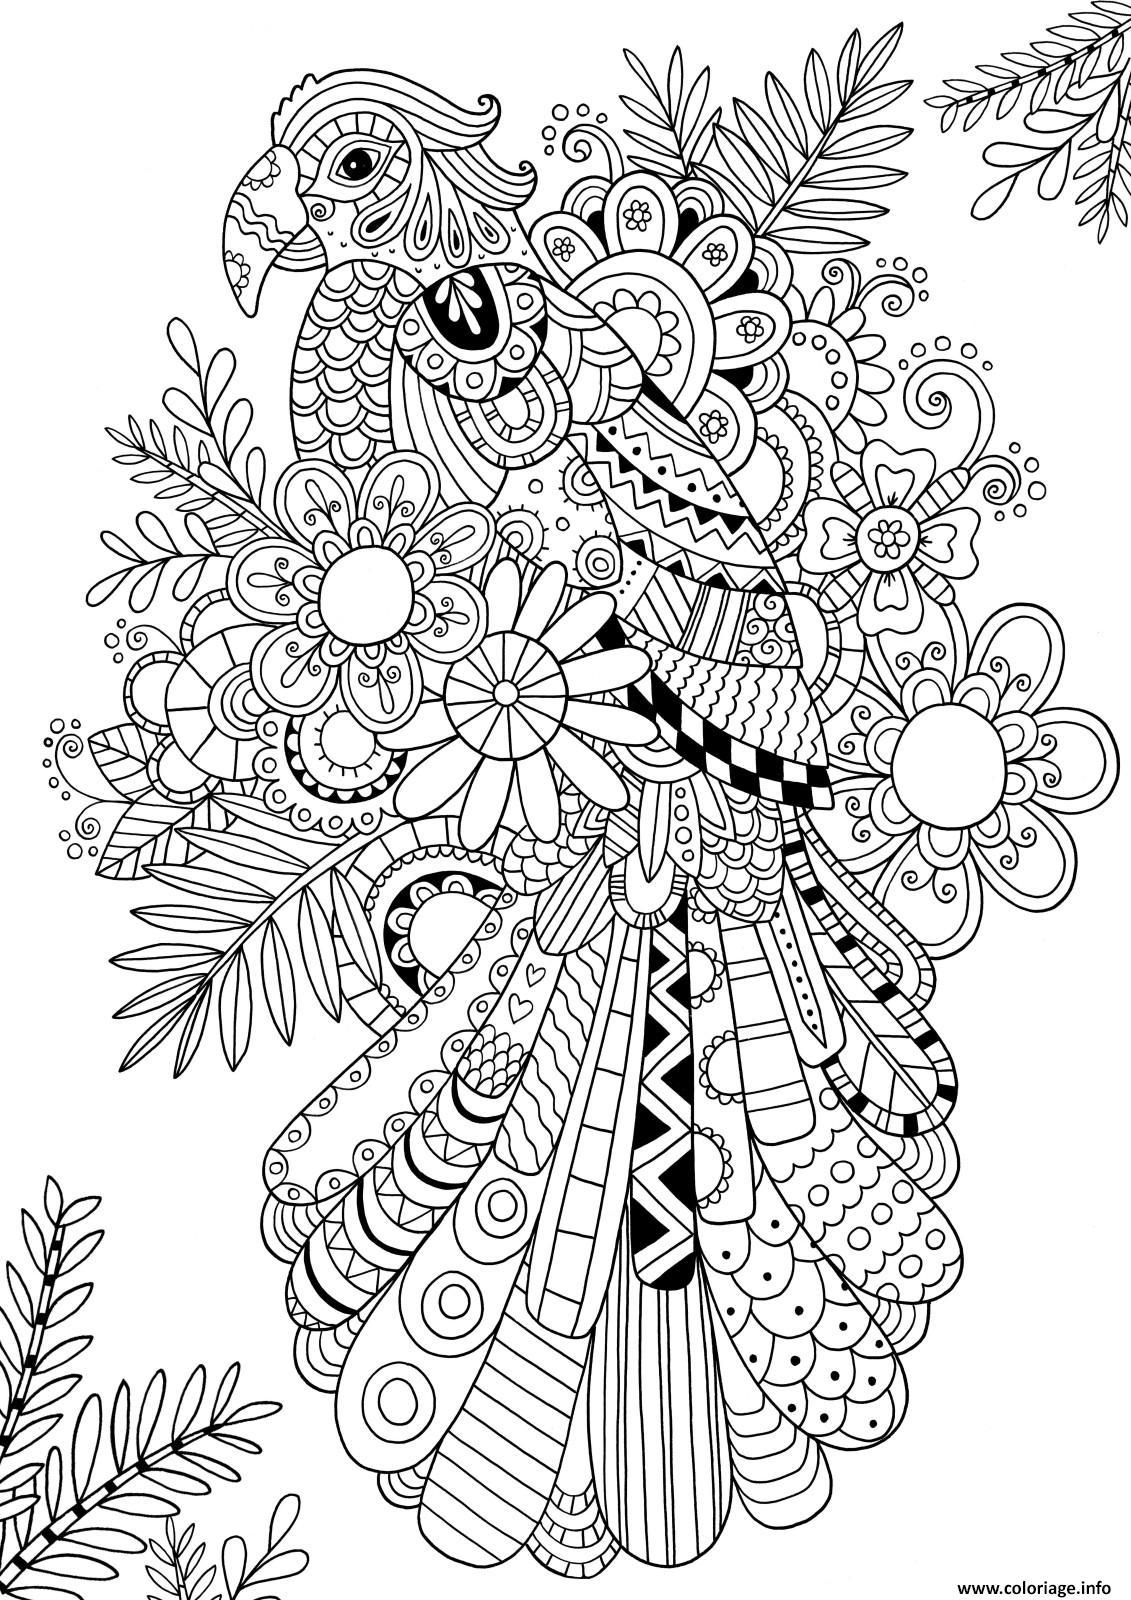 Coloriage zentangle perroquet oiseau adulte - Dessins de perroquets ...